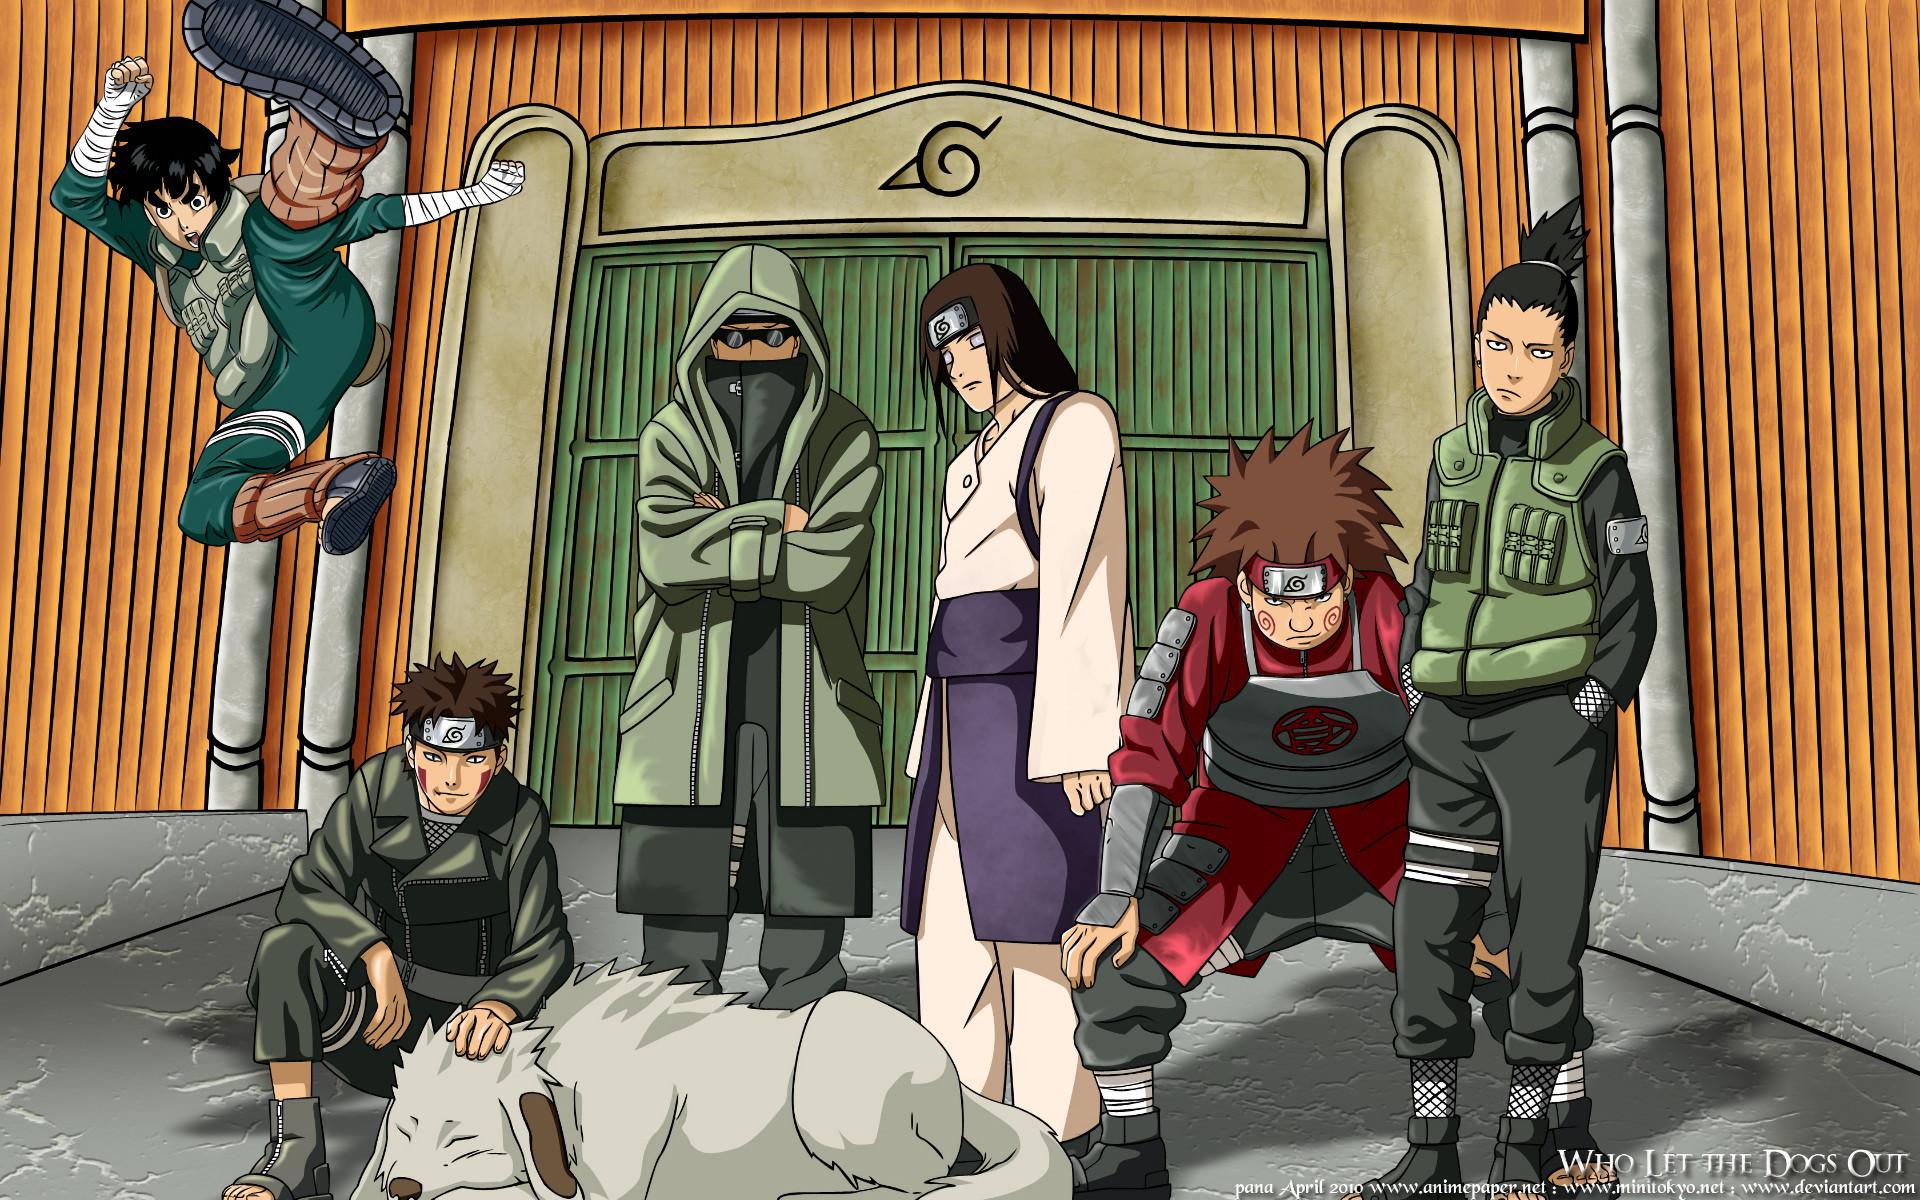 Res: 1920x1200, Anime - Naruto Akamaru (Naruto) Chōji Akimichi Kiba Inuzuka Neji Hyūga Rock  Lee Shino